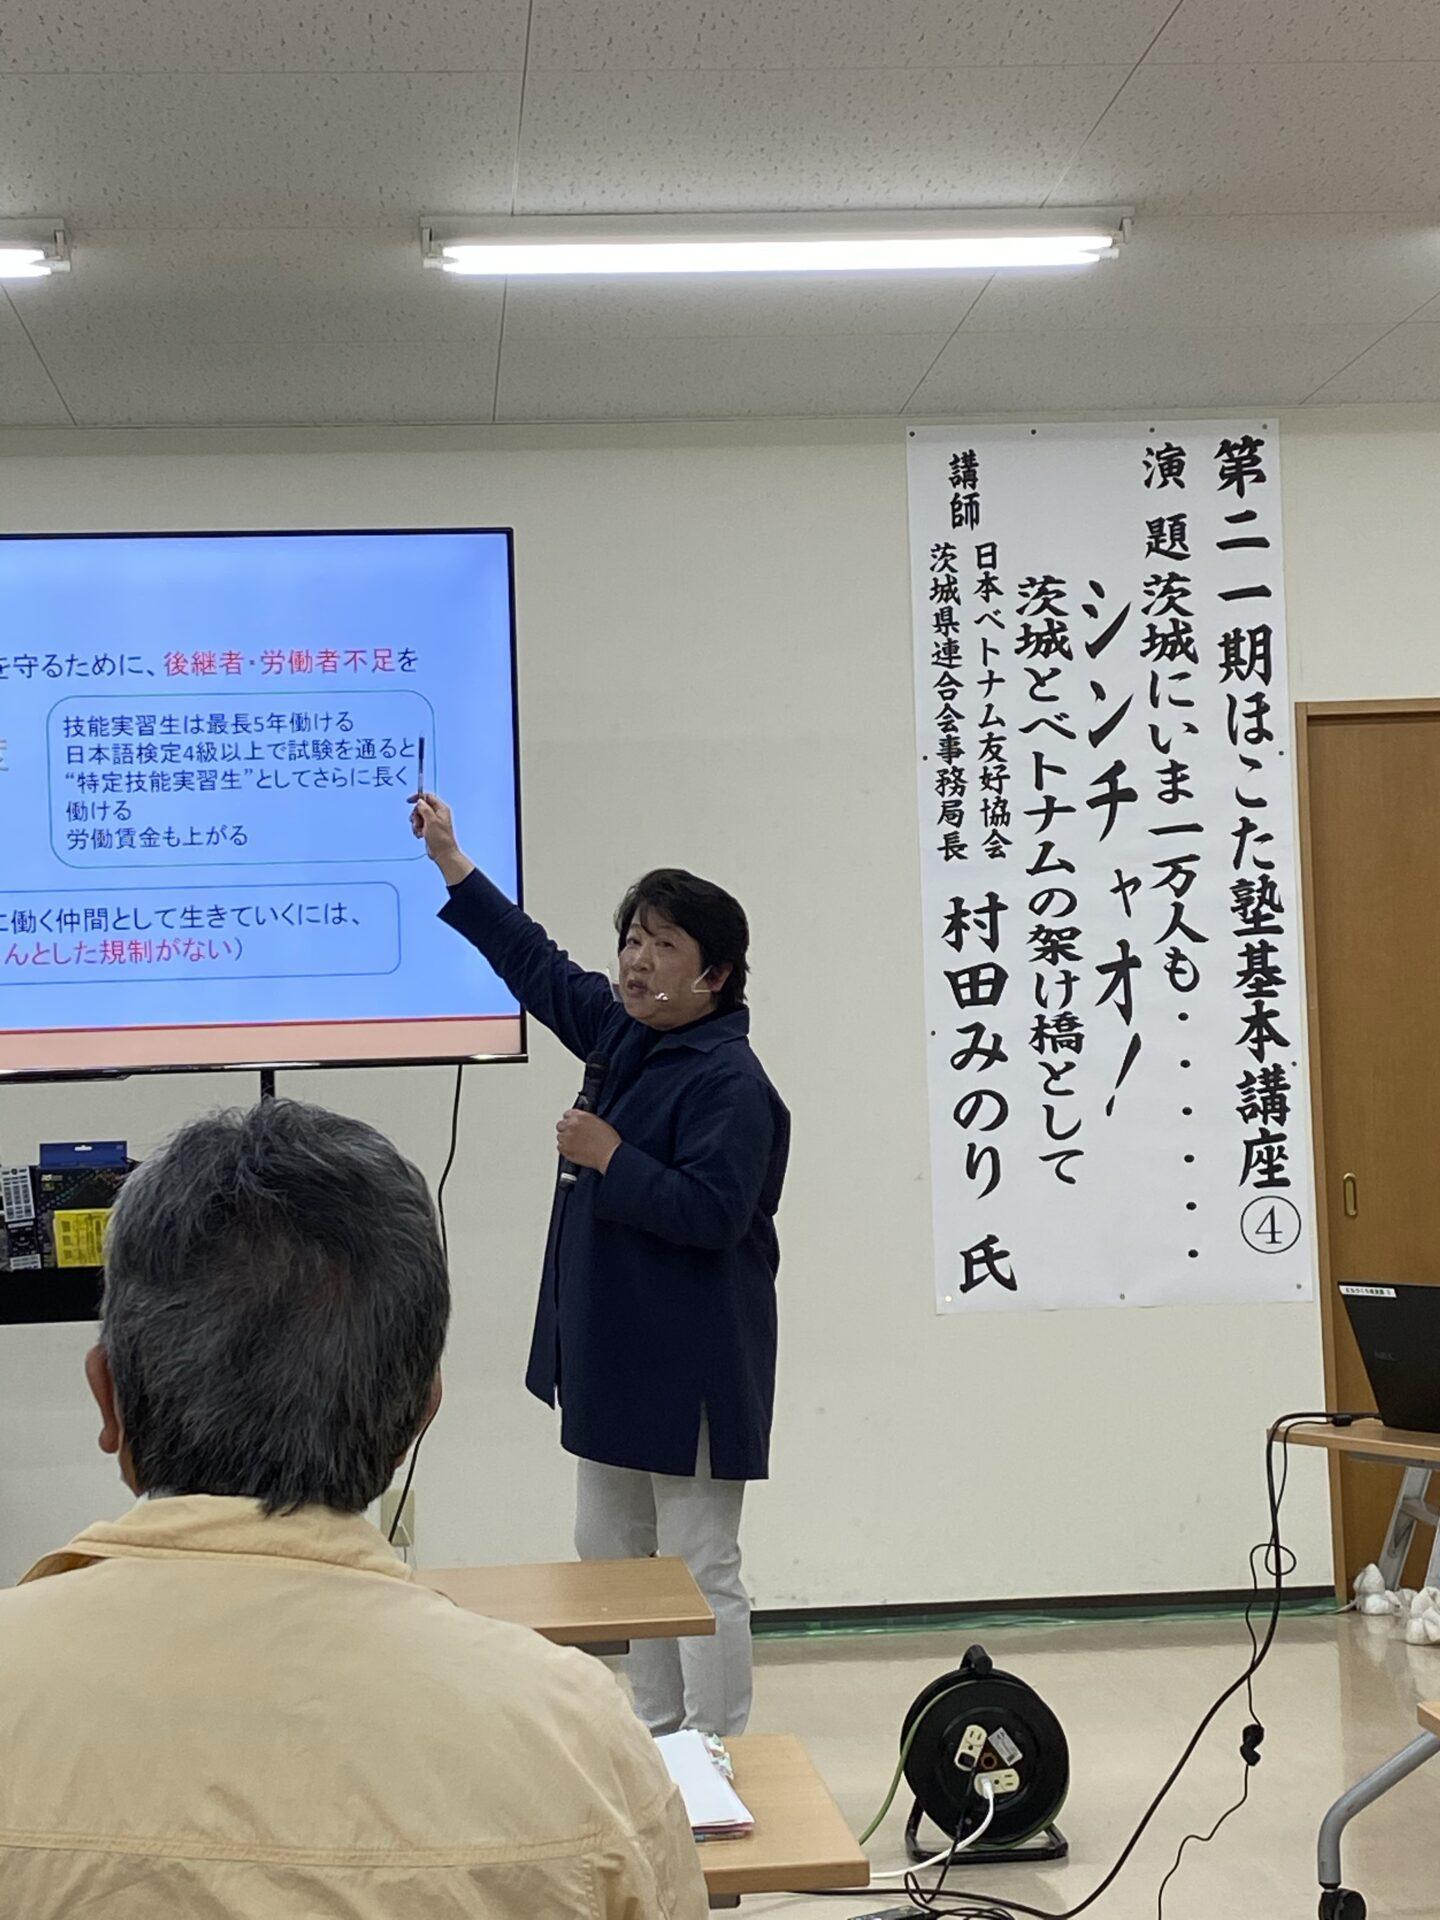 鉾田塾で茨城県ベトナム友好協会の村田みのり事務局長が講演